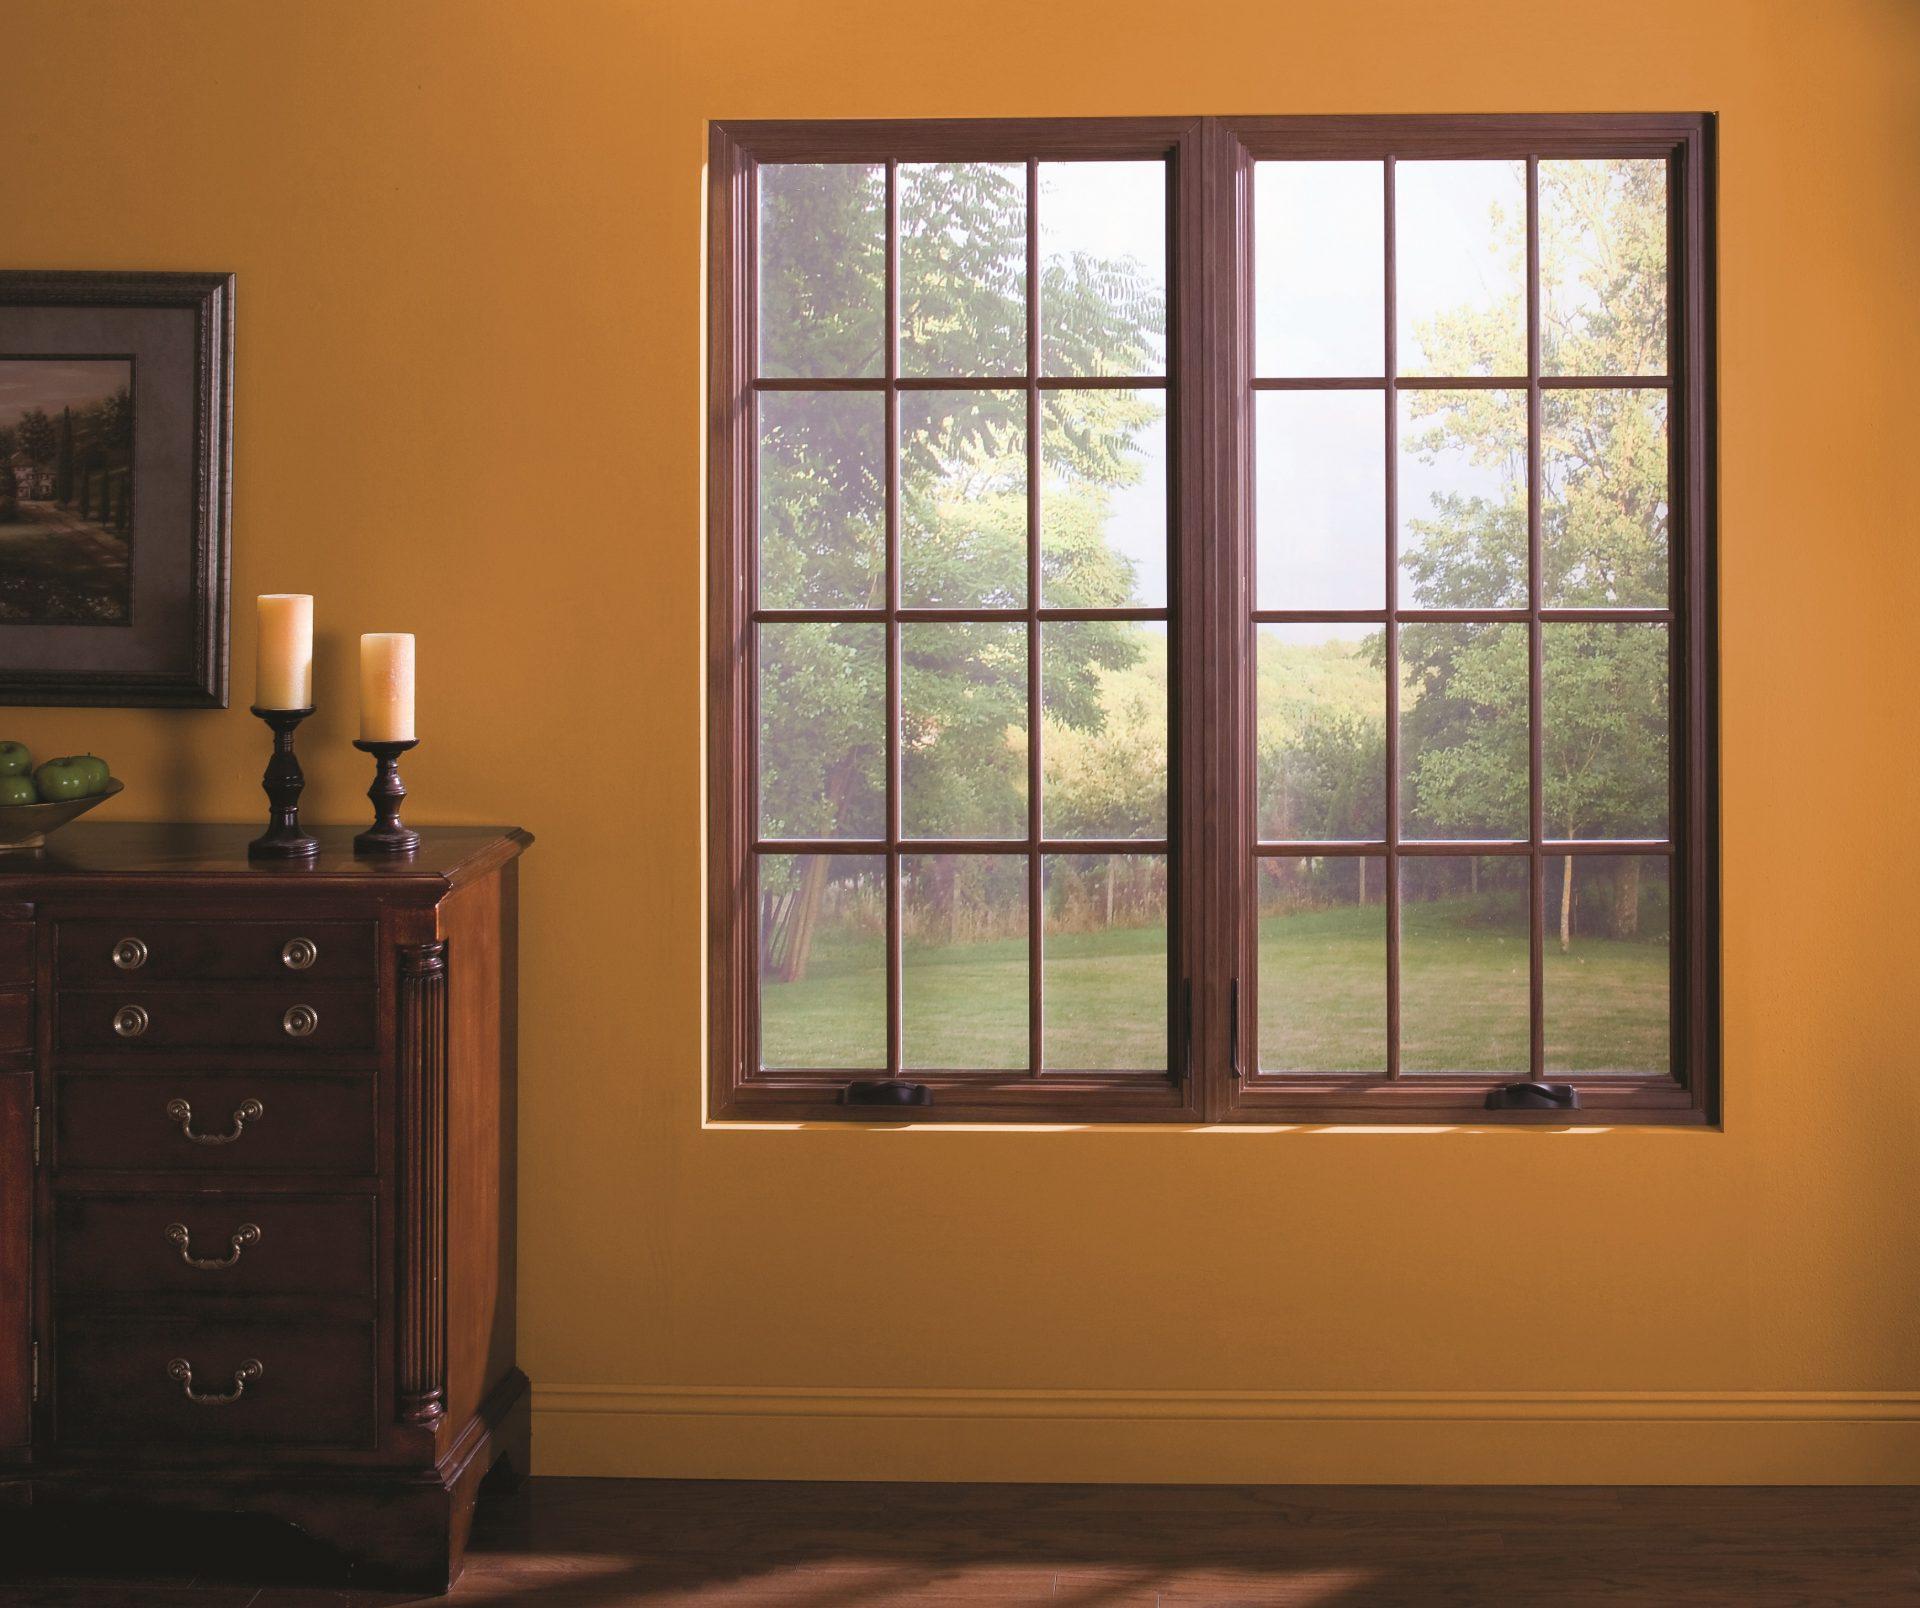 Sunrise Windows Doors Premium Vinyl Replacement Windows More